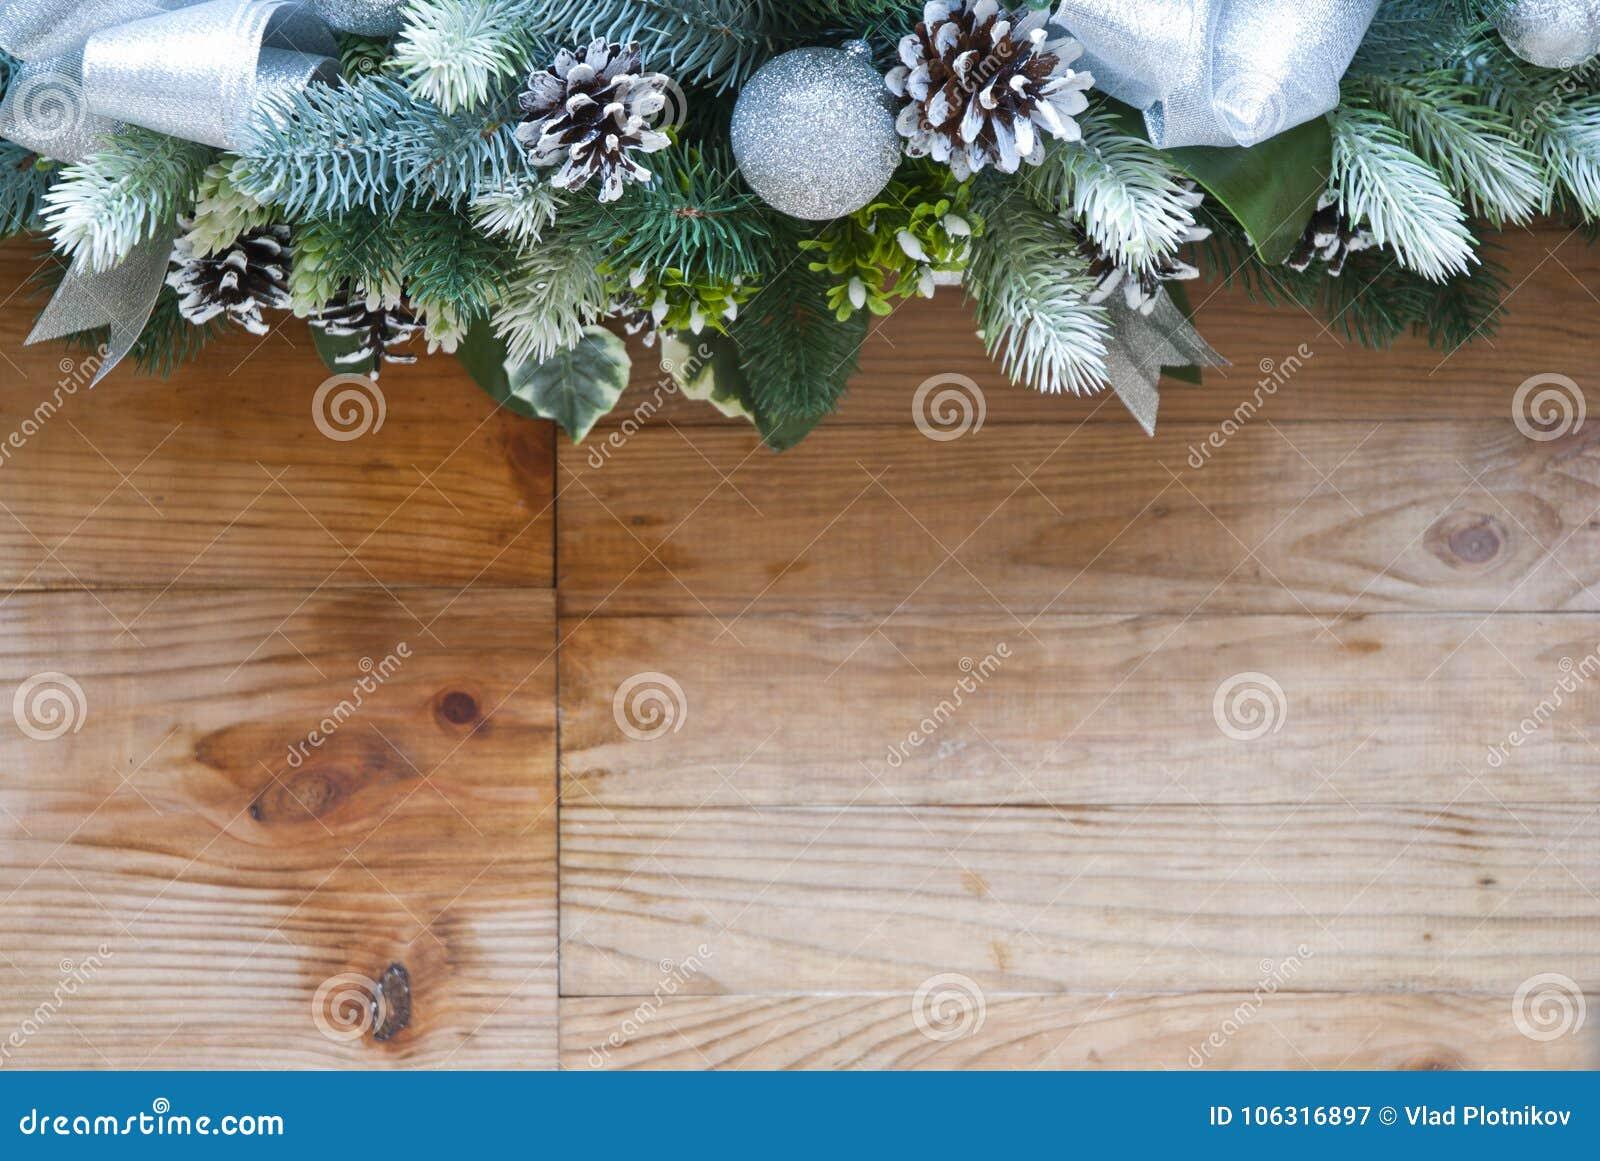 Διακόσμηση δέντρων έλατου Χριστουγέννων με τους κώνους και τις σφαίρες έλατου